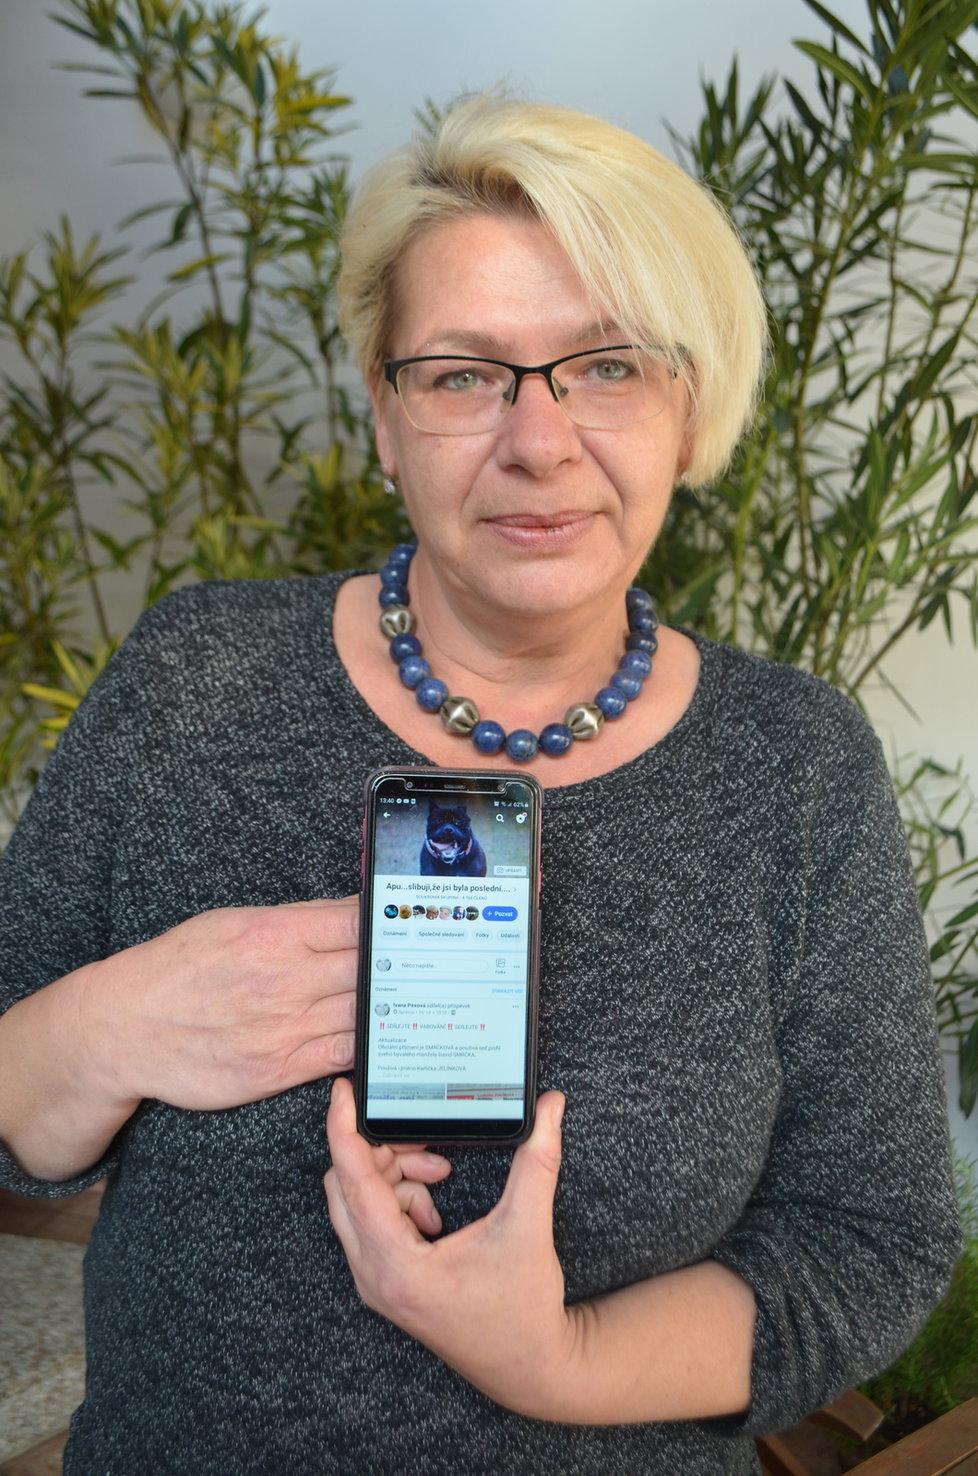 Ivana Pexová podivná úmrtí psů Ludmily Zdeňkové sleduje už dlouho. Skupina, kterou založila na facebooku, si klade za cíl zákaz chovu pro Zdeňkovou